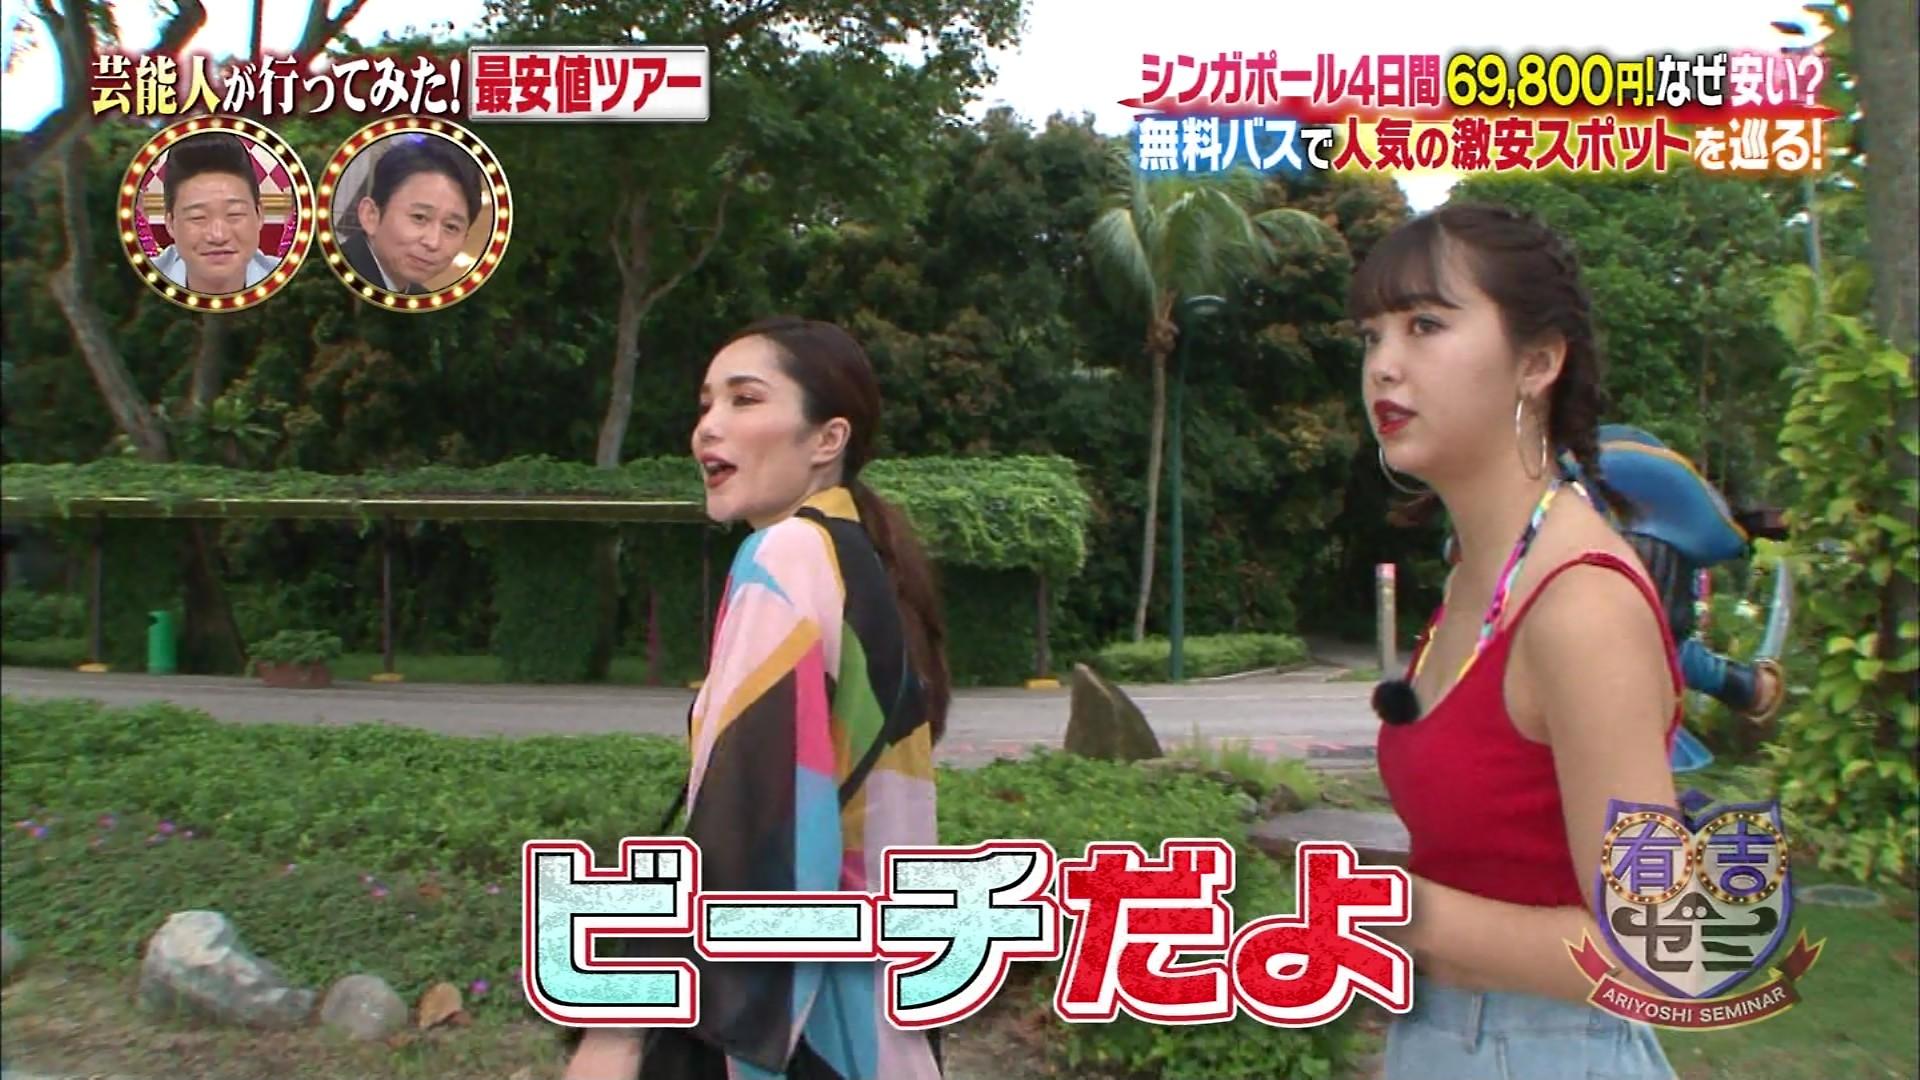 藤田ニコル_モデル_ビキニ水着_テレビキャプ画像_07